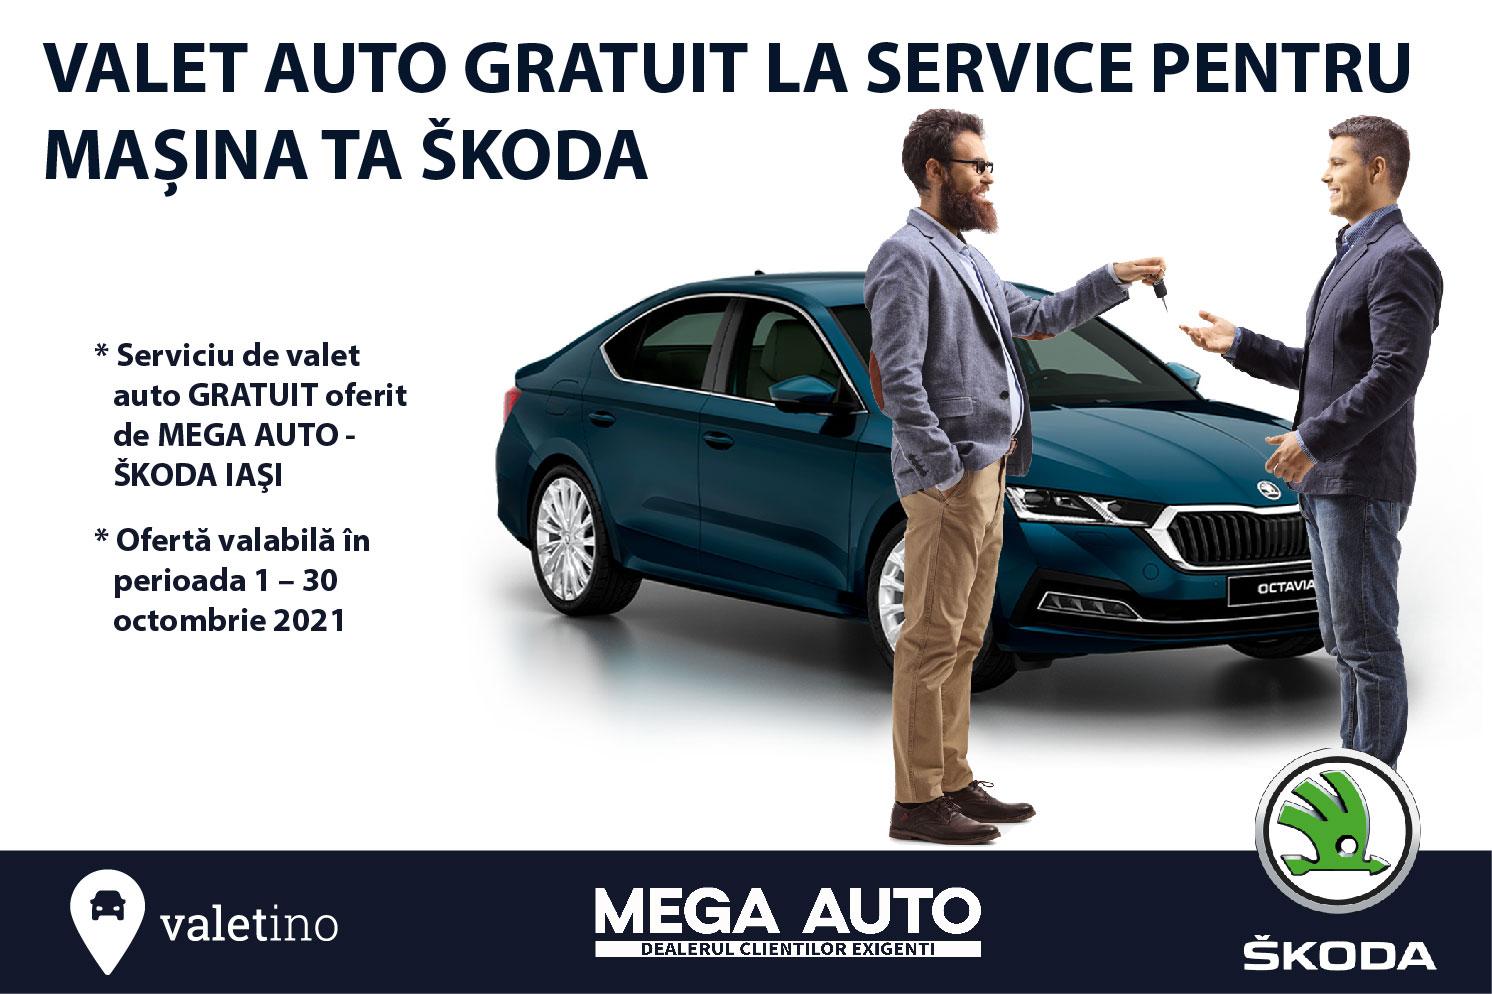 Mega Auto – ŠKODA Iași oferă GRATUIT serviciul de valet auto, pentru toate operațiunile de service în luna octombrie!